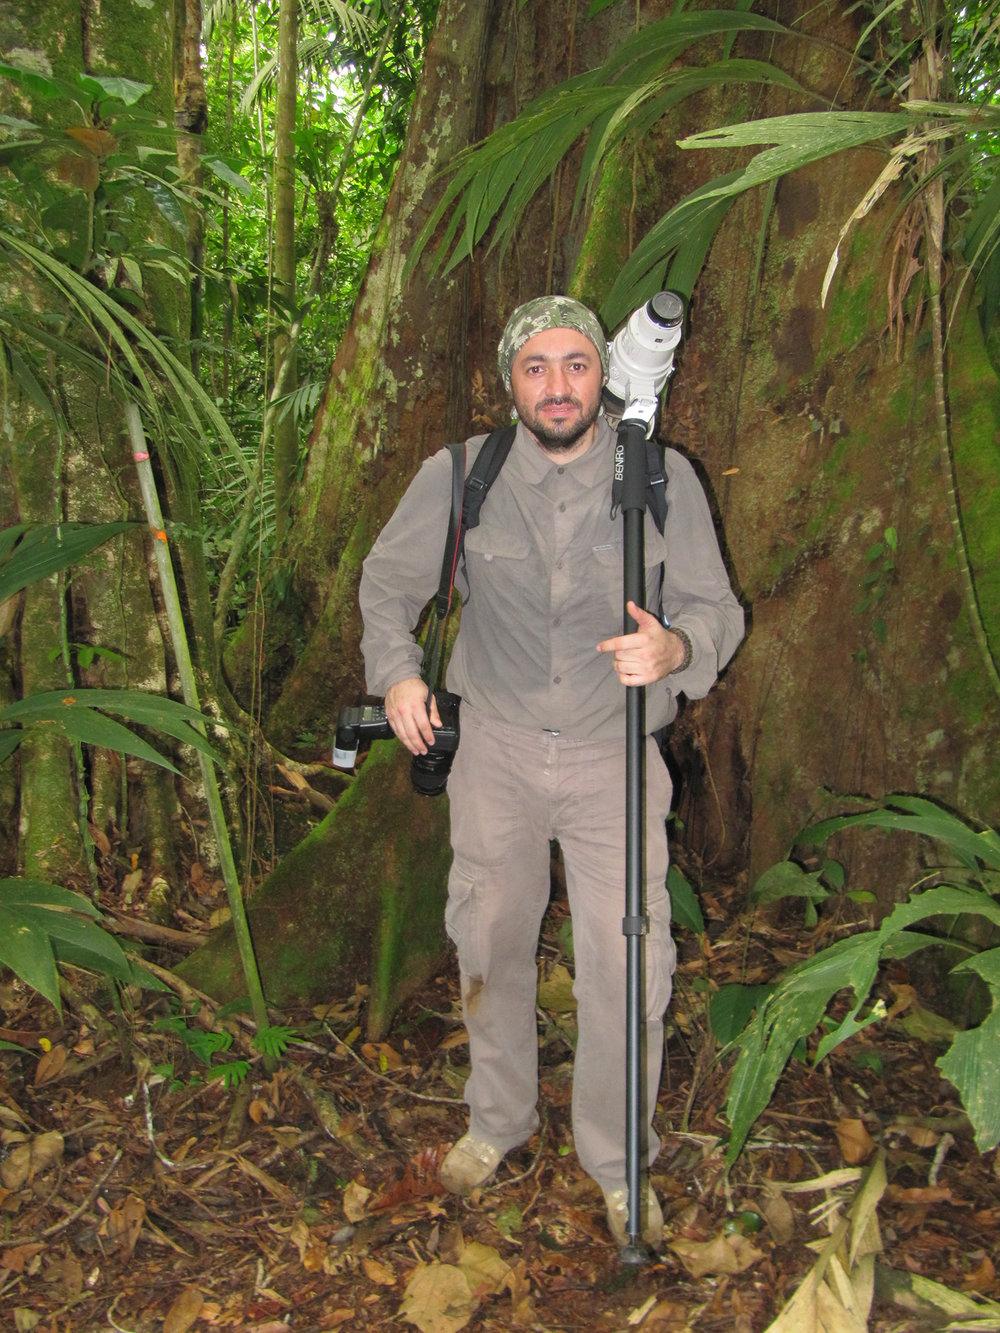 Bulut ormanında dolaşırken...